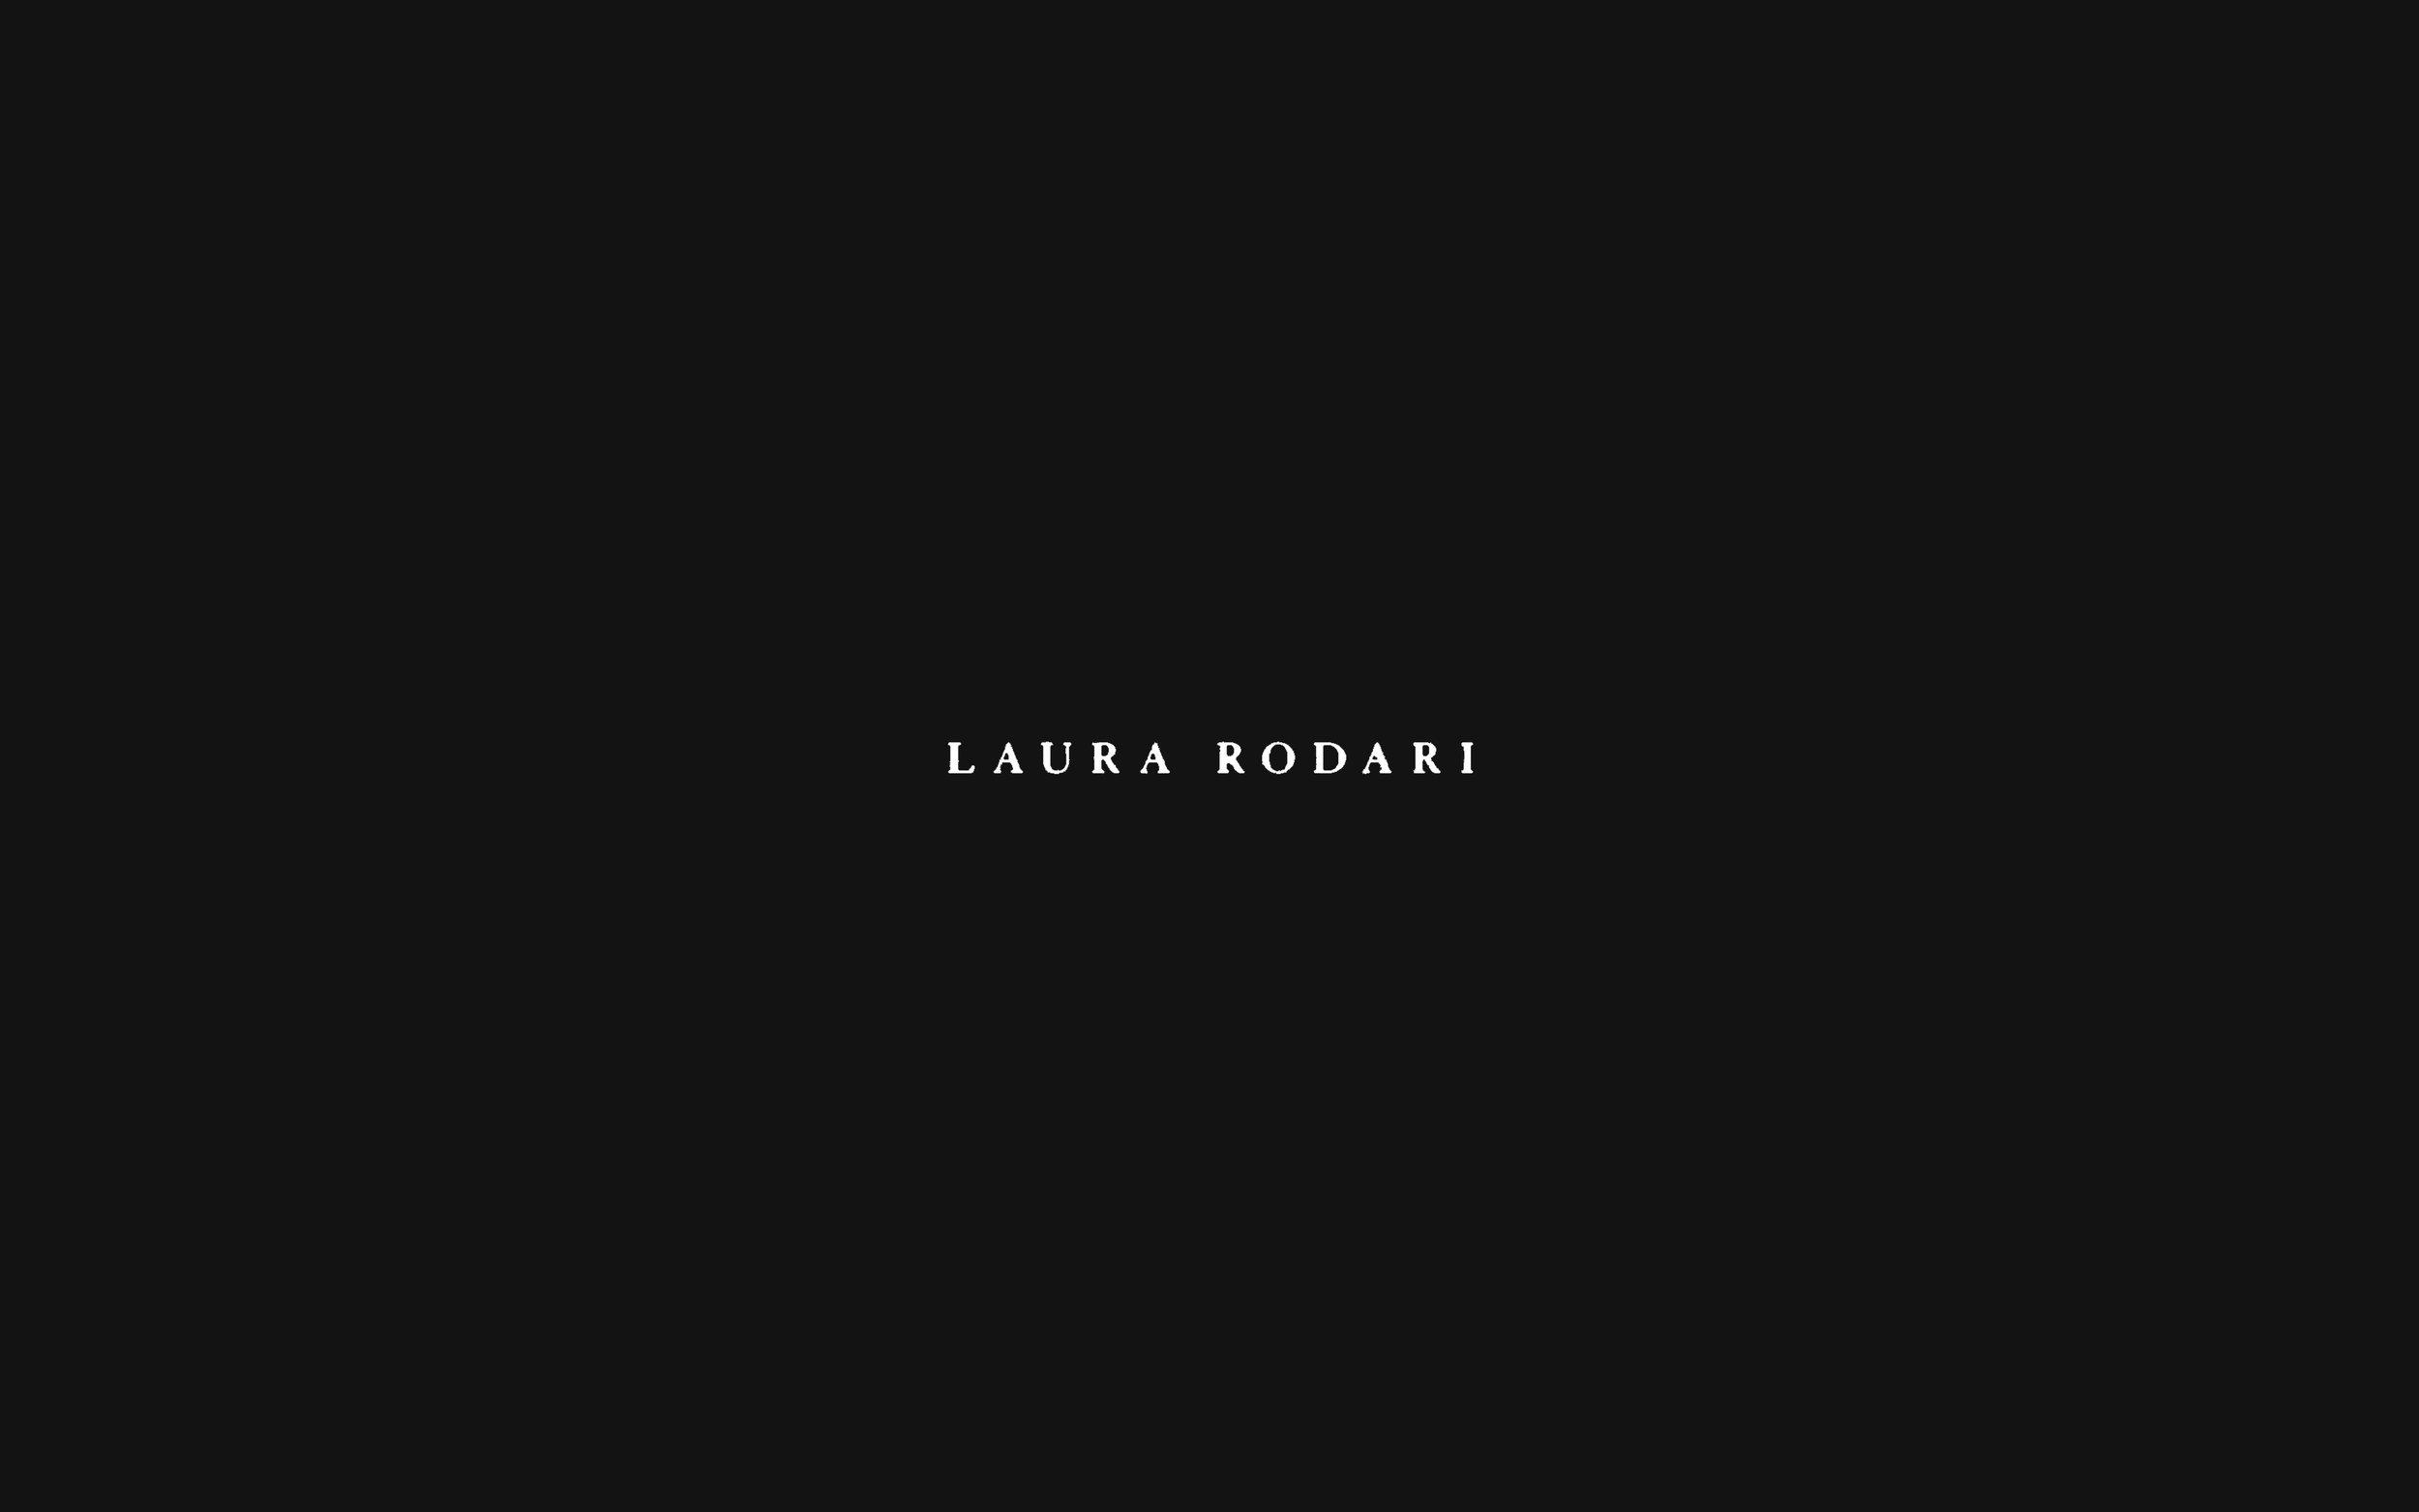 4D__Laura_Rodari_00.jpg